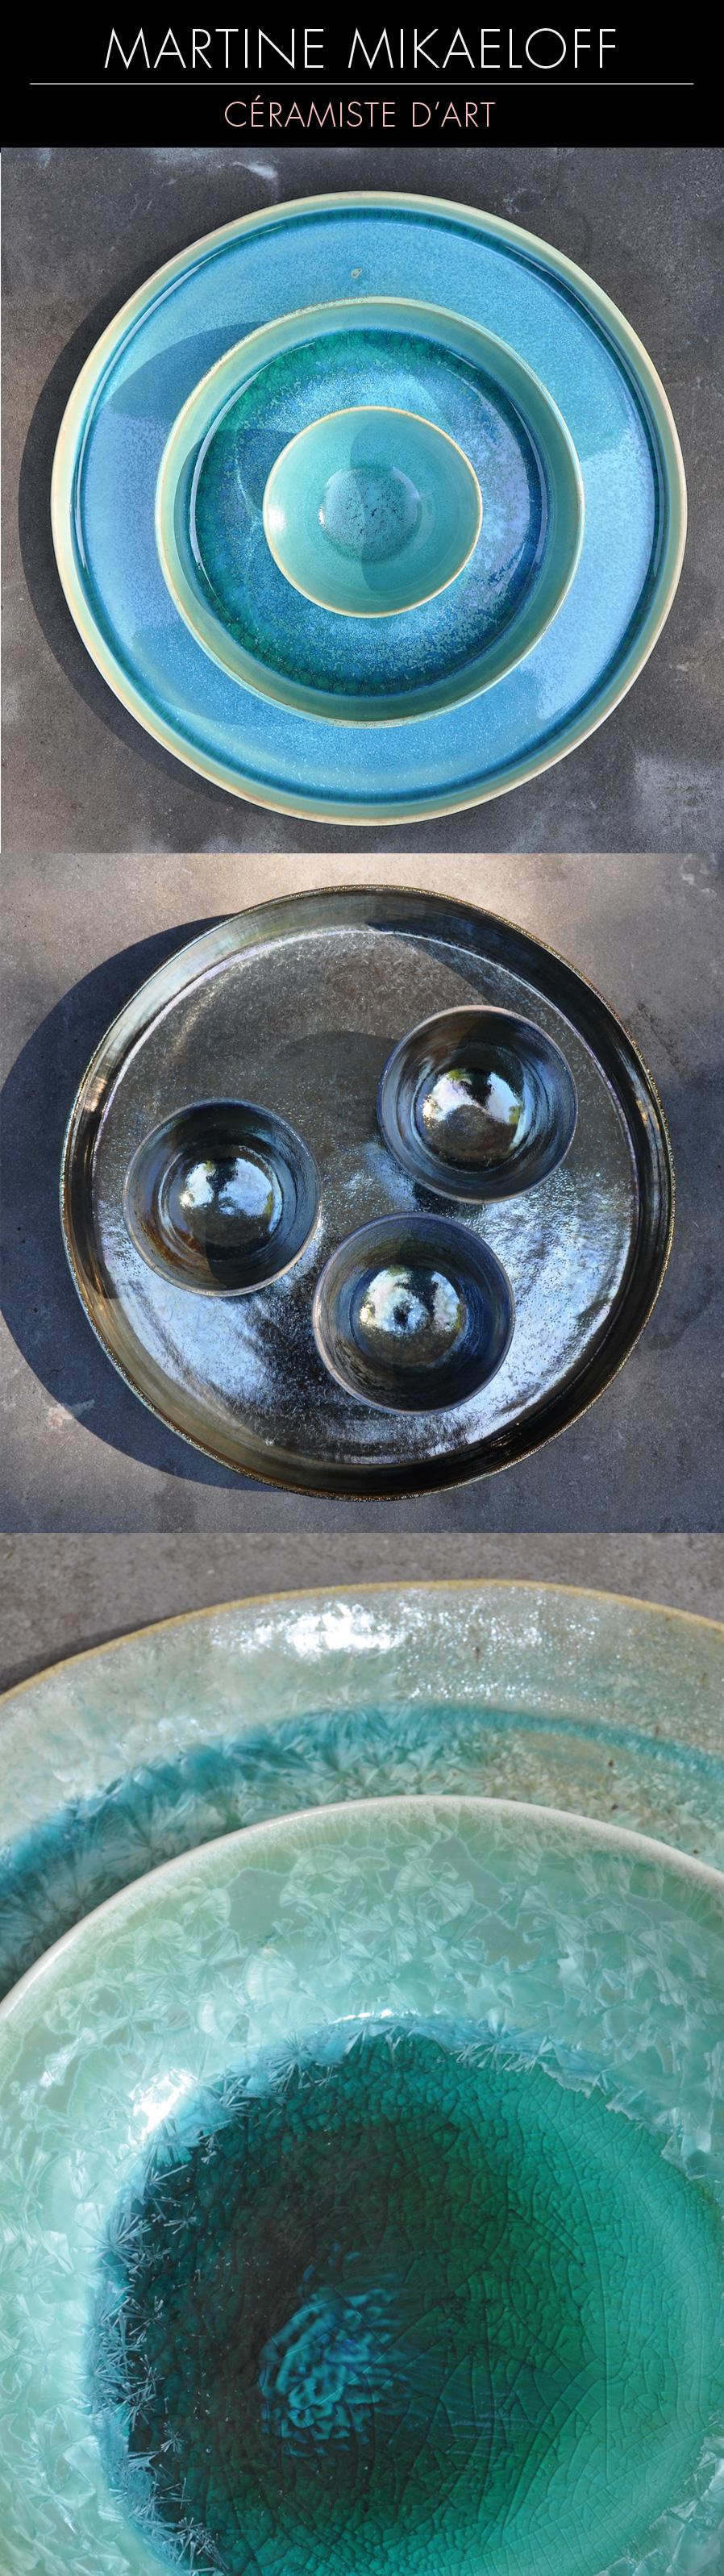 Créatrice de pièces en porcelaine, le travail de Martine Mikaeloff s'élabore à travers une recherche approfondie sur les émaux. Venez admirer ses créations au printemps prochain sur le salon Révélations. 1/Ensemble en porcelaine 2/Coupes sur grand plateau - Cuisson Raku 3/ Détail d'un ensemble porcelaine et grès, émaux de cristallisations © DR #céramique #ceramics #keramik #ceramica #ceramicart #handmade #creation #maker #contemporary #SalonRevelations #metiersdart #inspiration #porcelain